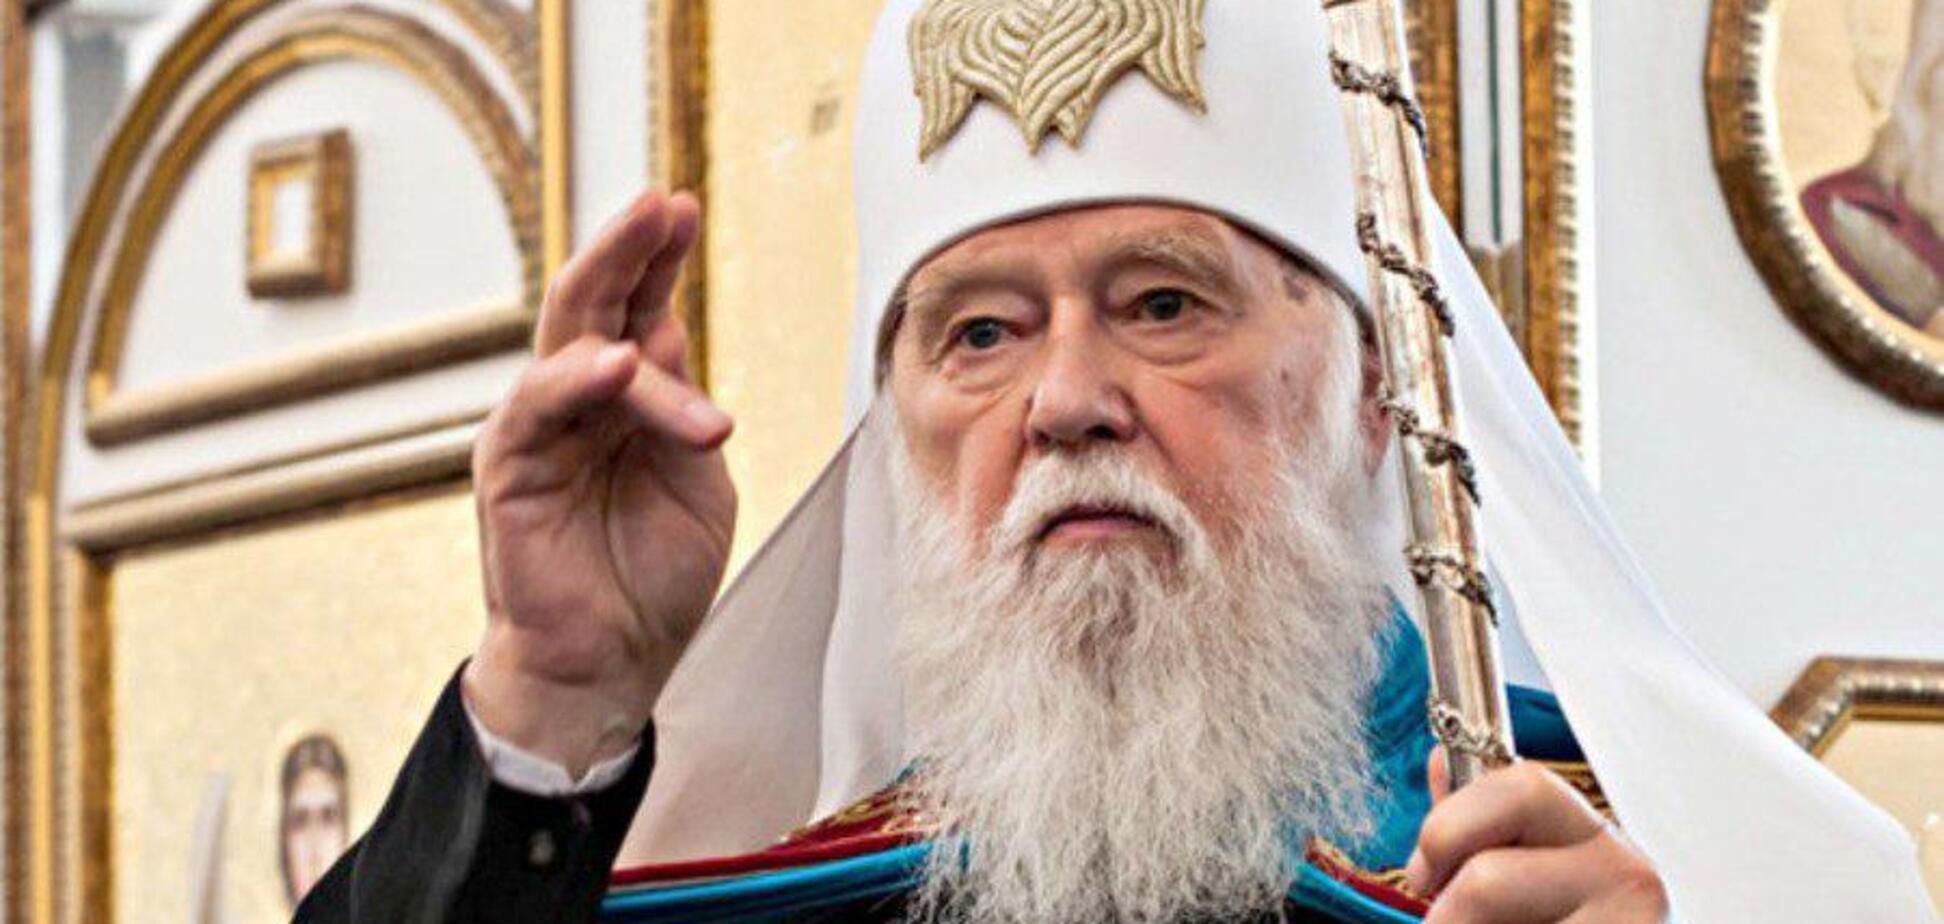 Филарет отказался возглавить объединенную УПЦ — источник